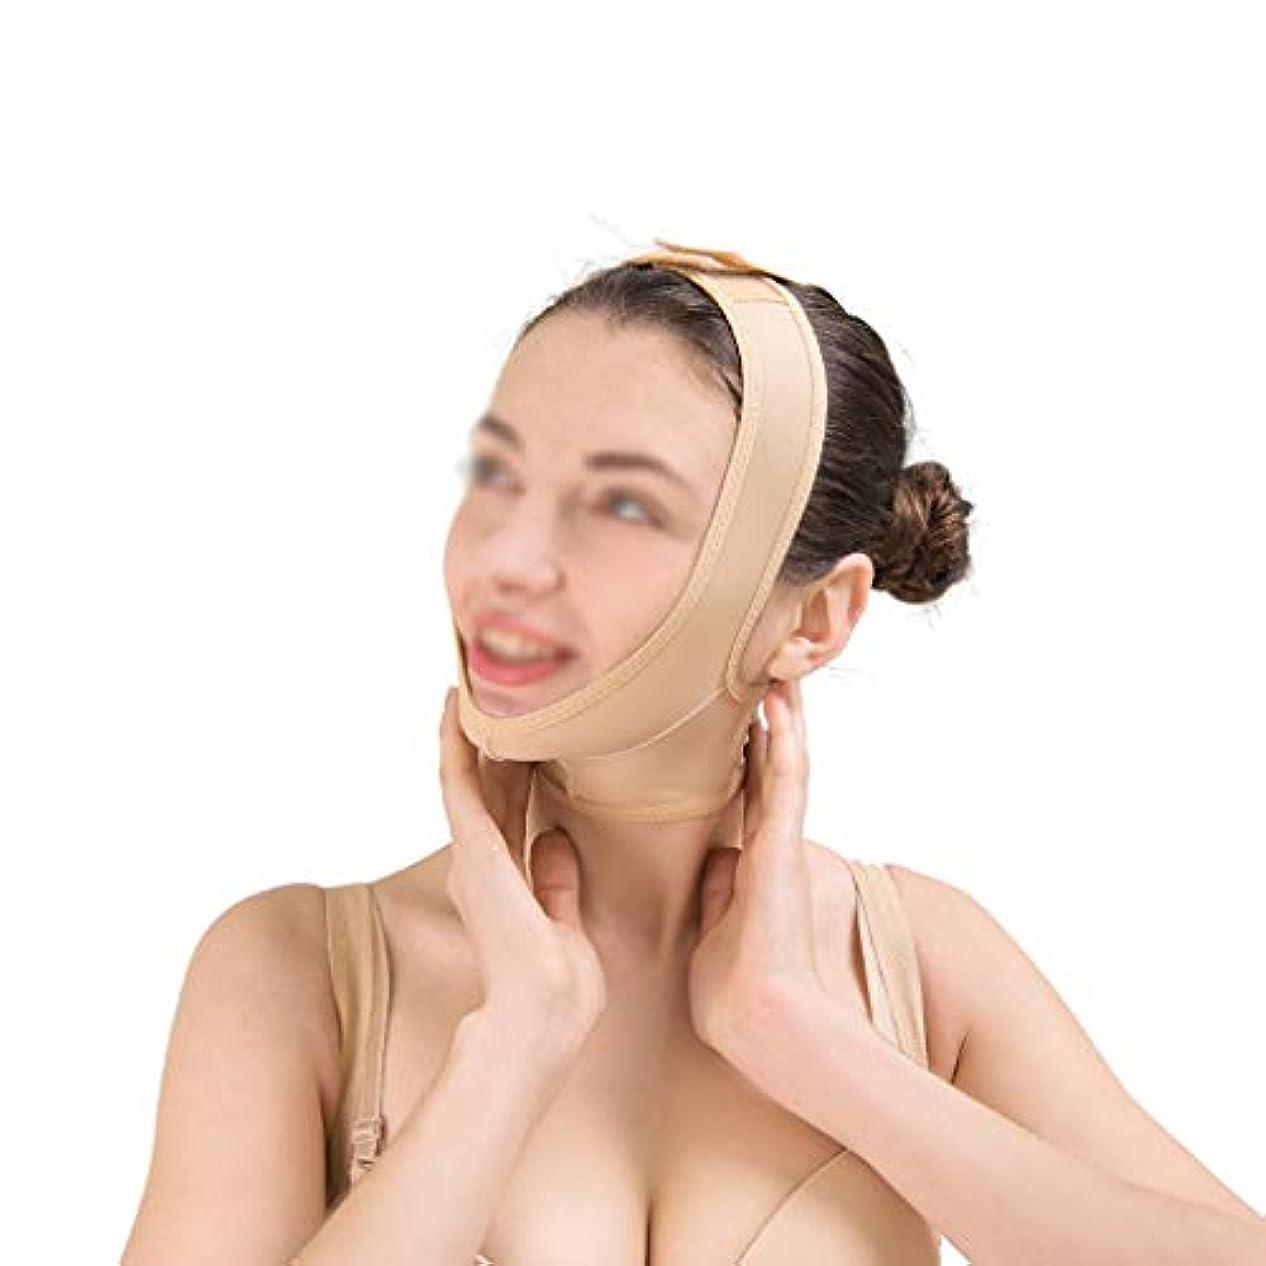 ファンド添加剤生活XHLMRMJ 二重あごのストラップ、包帯を持ち上げる、持ち上がると肌の包帯を引き締める、通気性のフェイスマスク、快適で通気性のある顔の持ち上がるマスク (Size : XL)